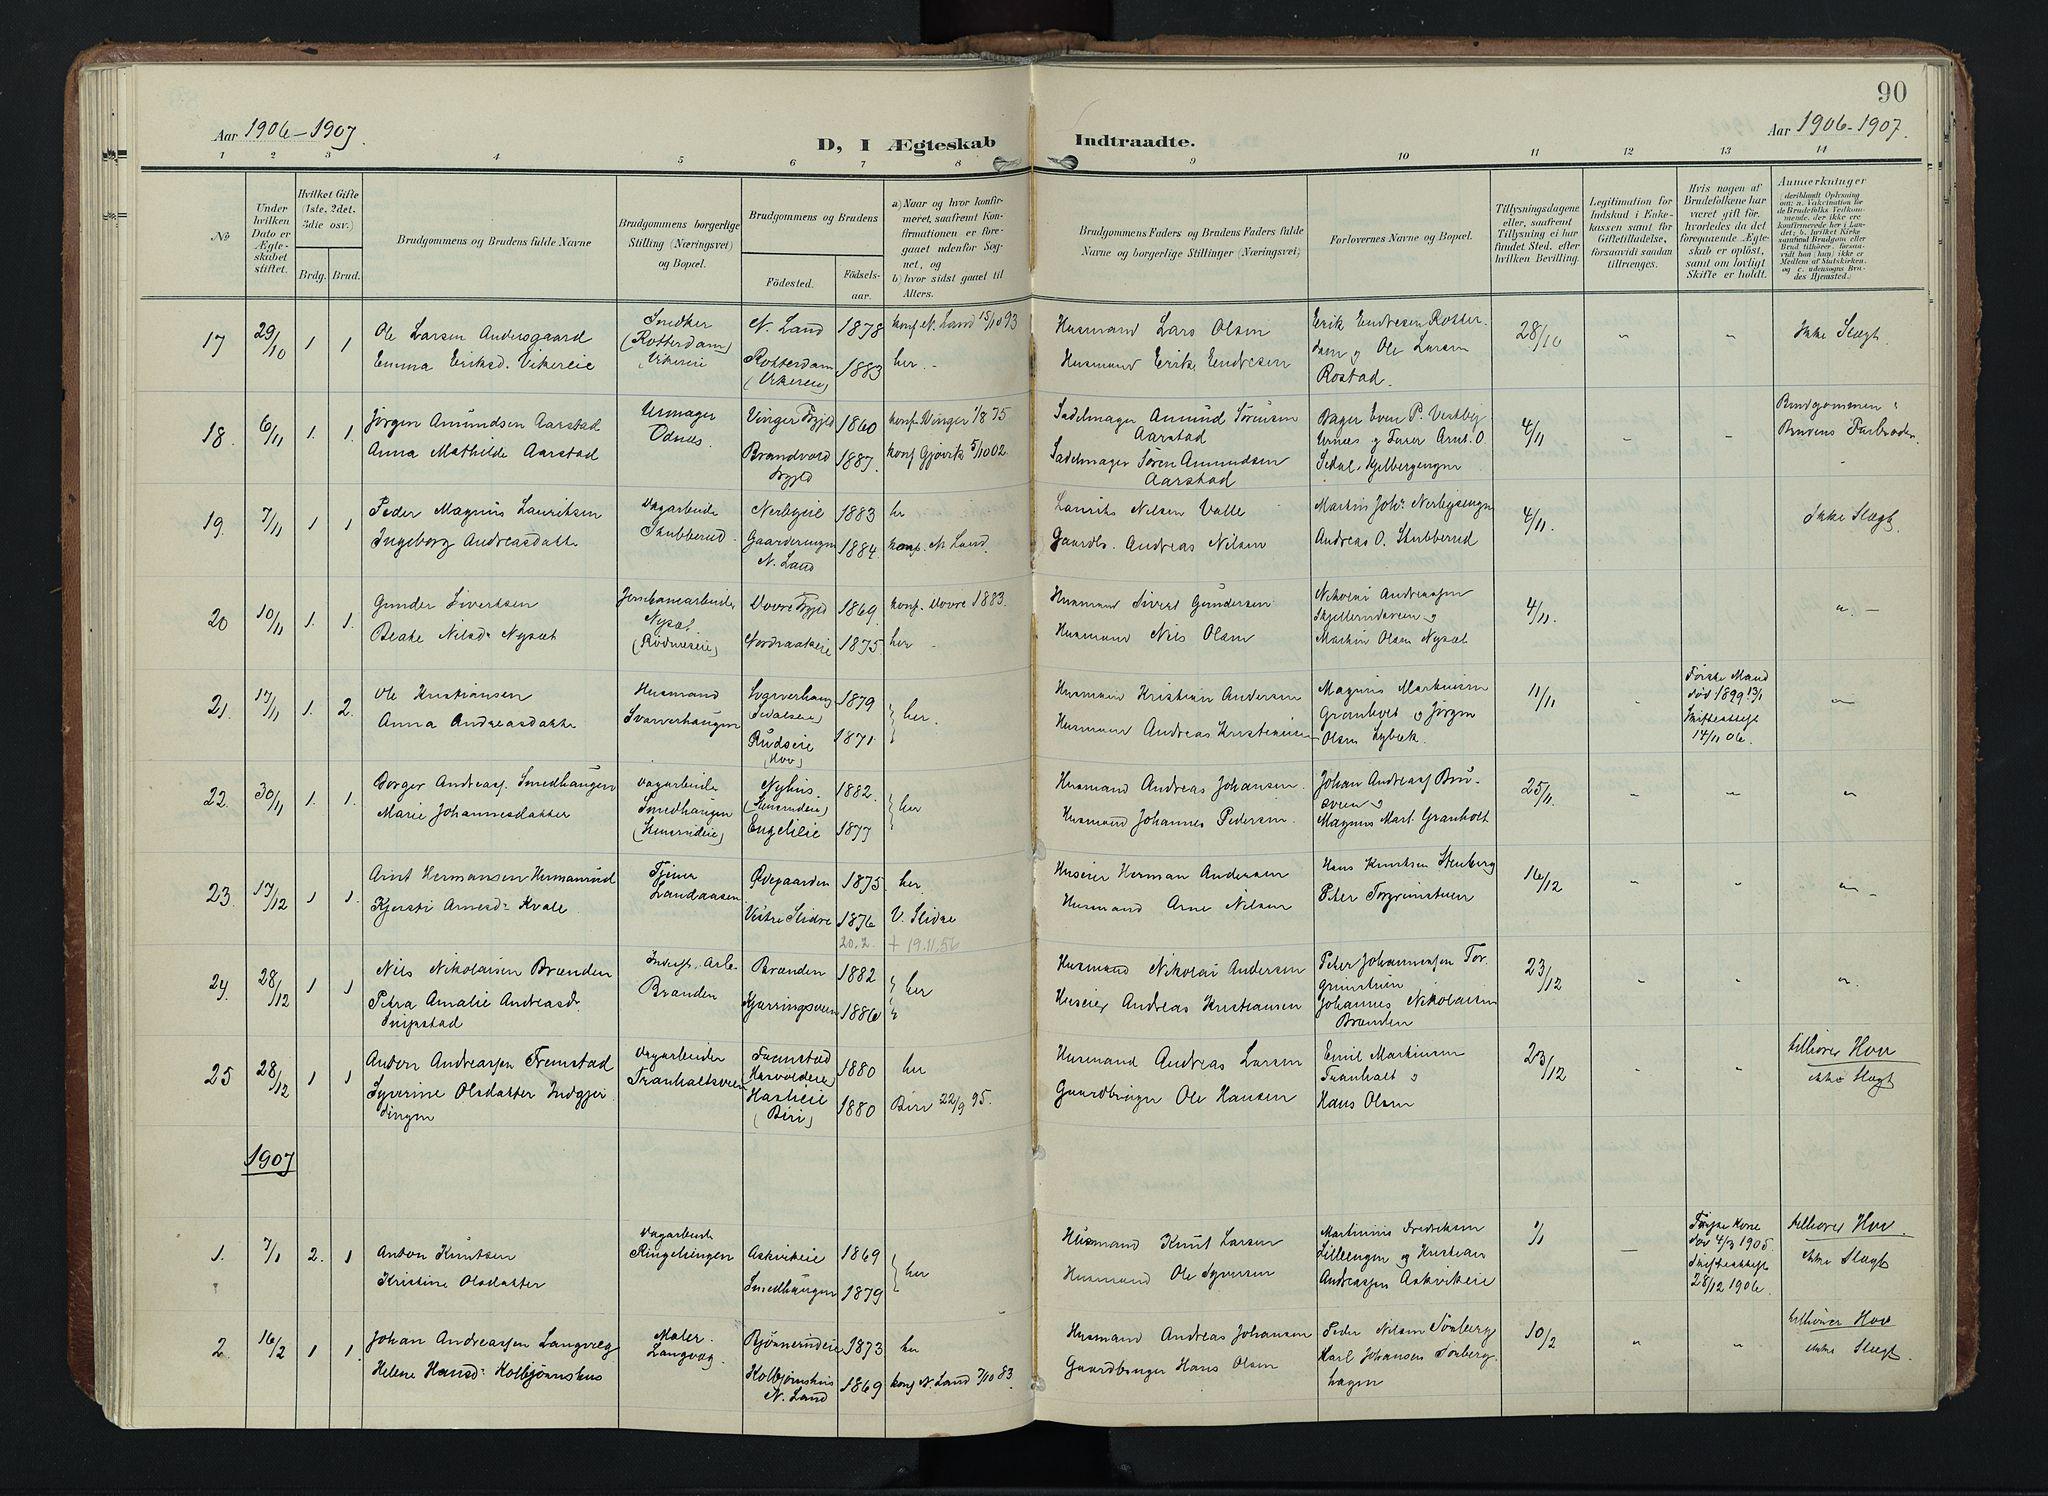 SAH, Søndre Land prestekontor, K/L0005: Ministerialbok nr. 5, 1905-1914, s. 90